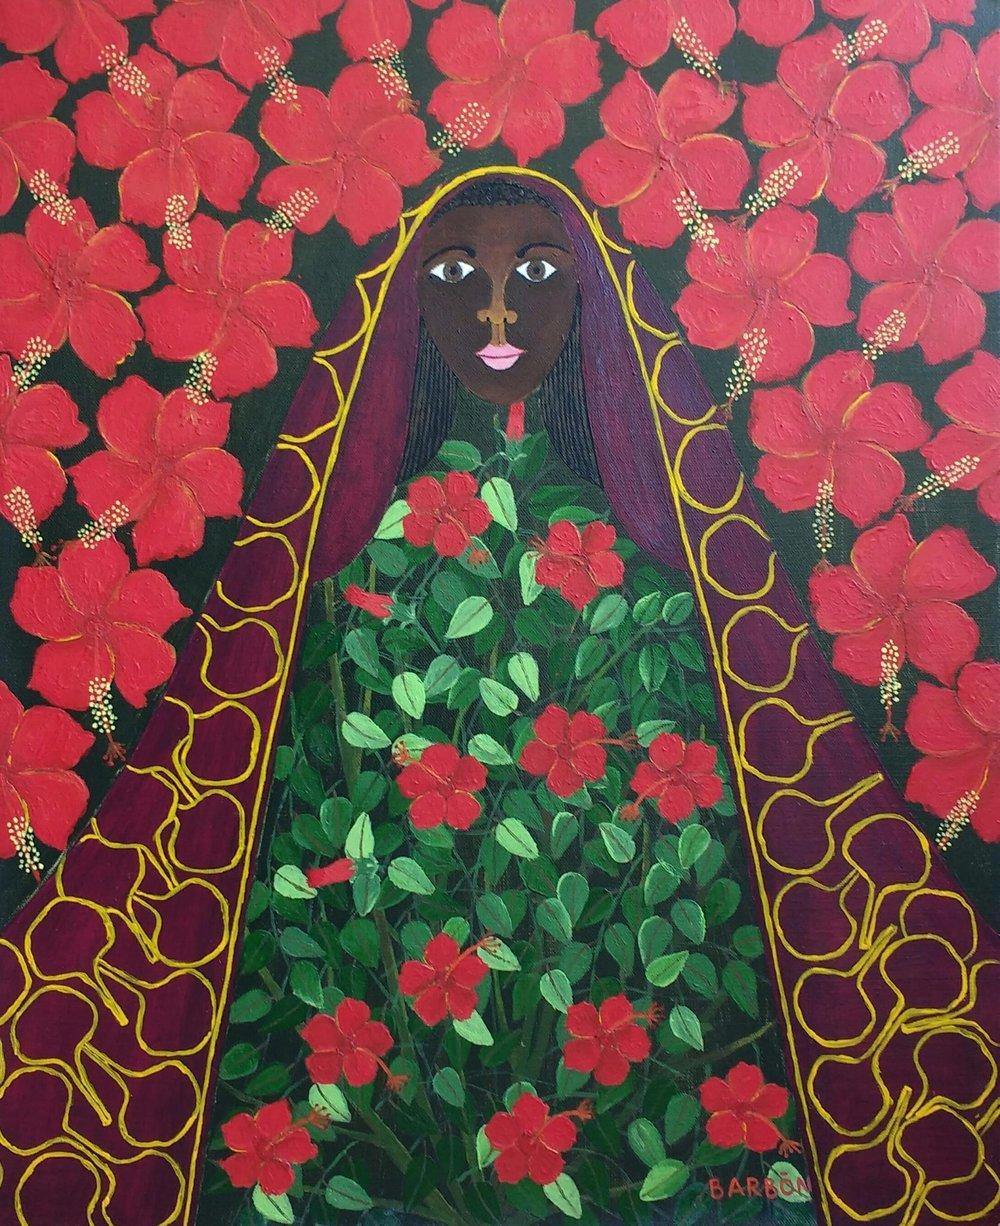 Julio Barbon-La virgen y el marpacifico-2016-Acrylic on Canvas-22 x 18 inches.jpg